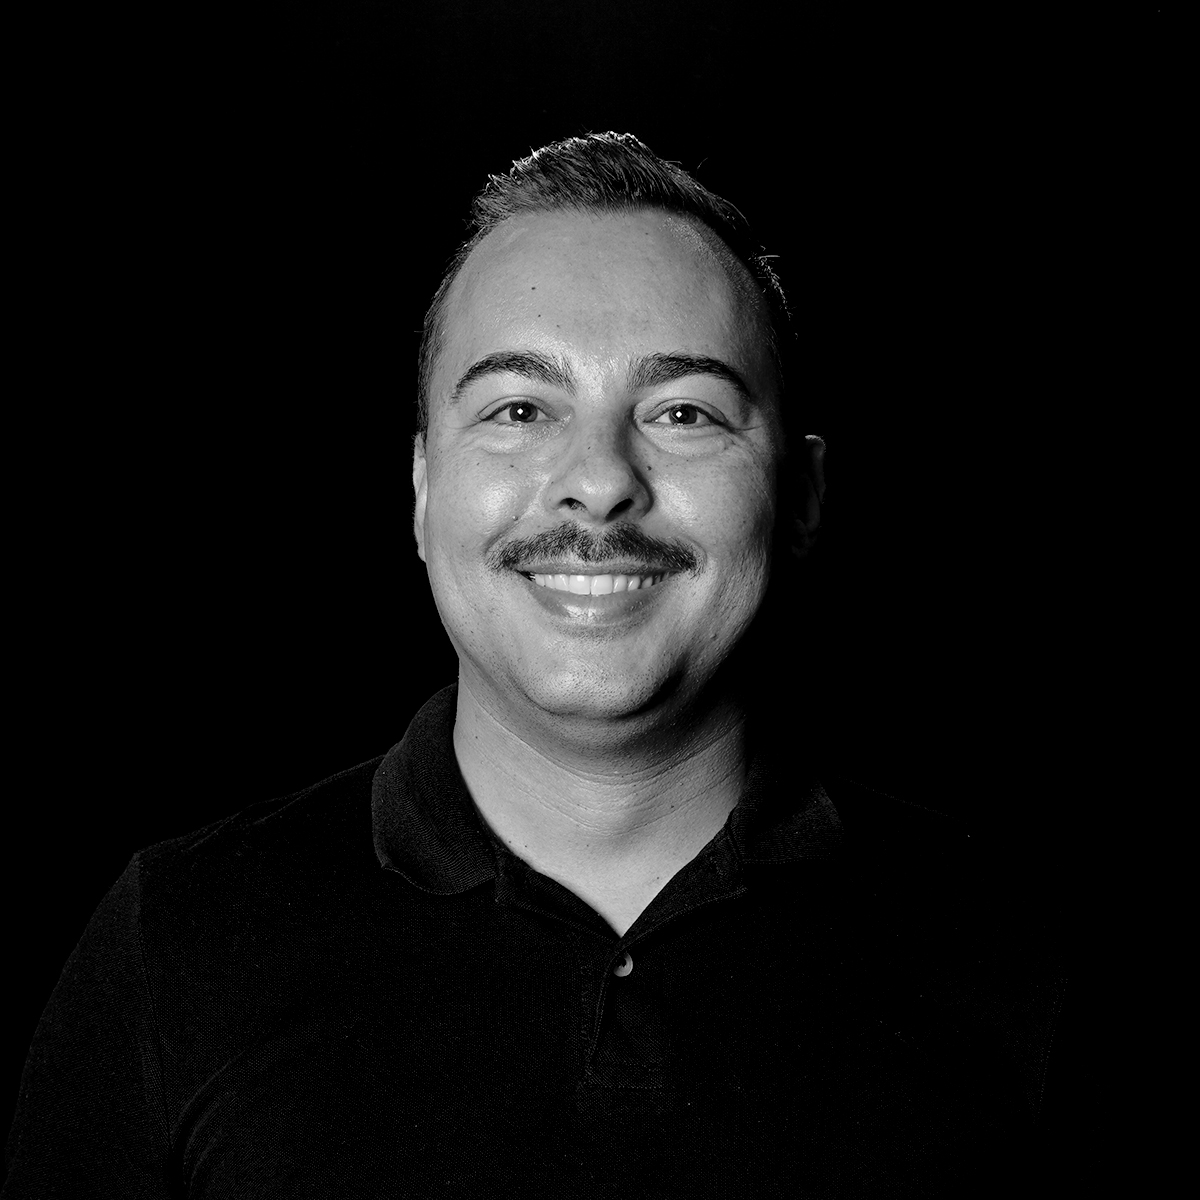 Kurt Ferreira